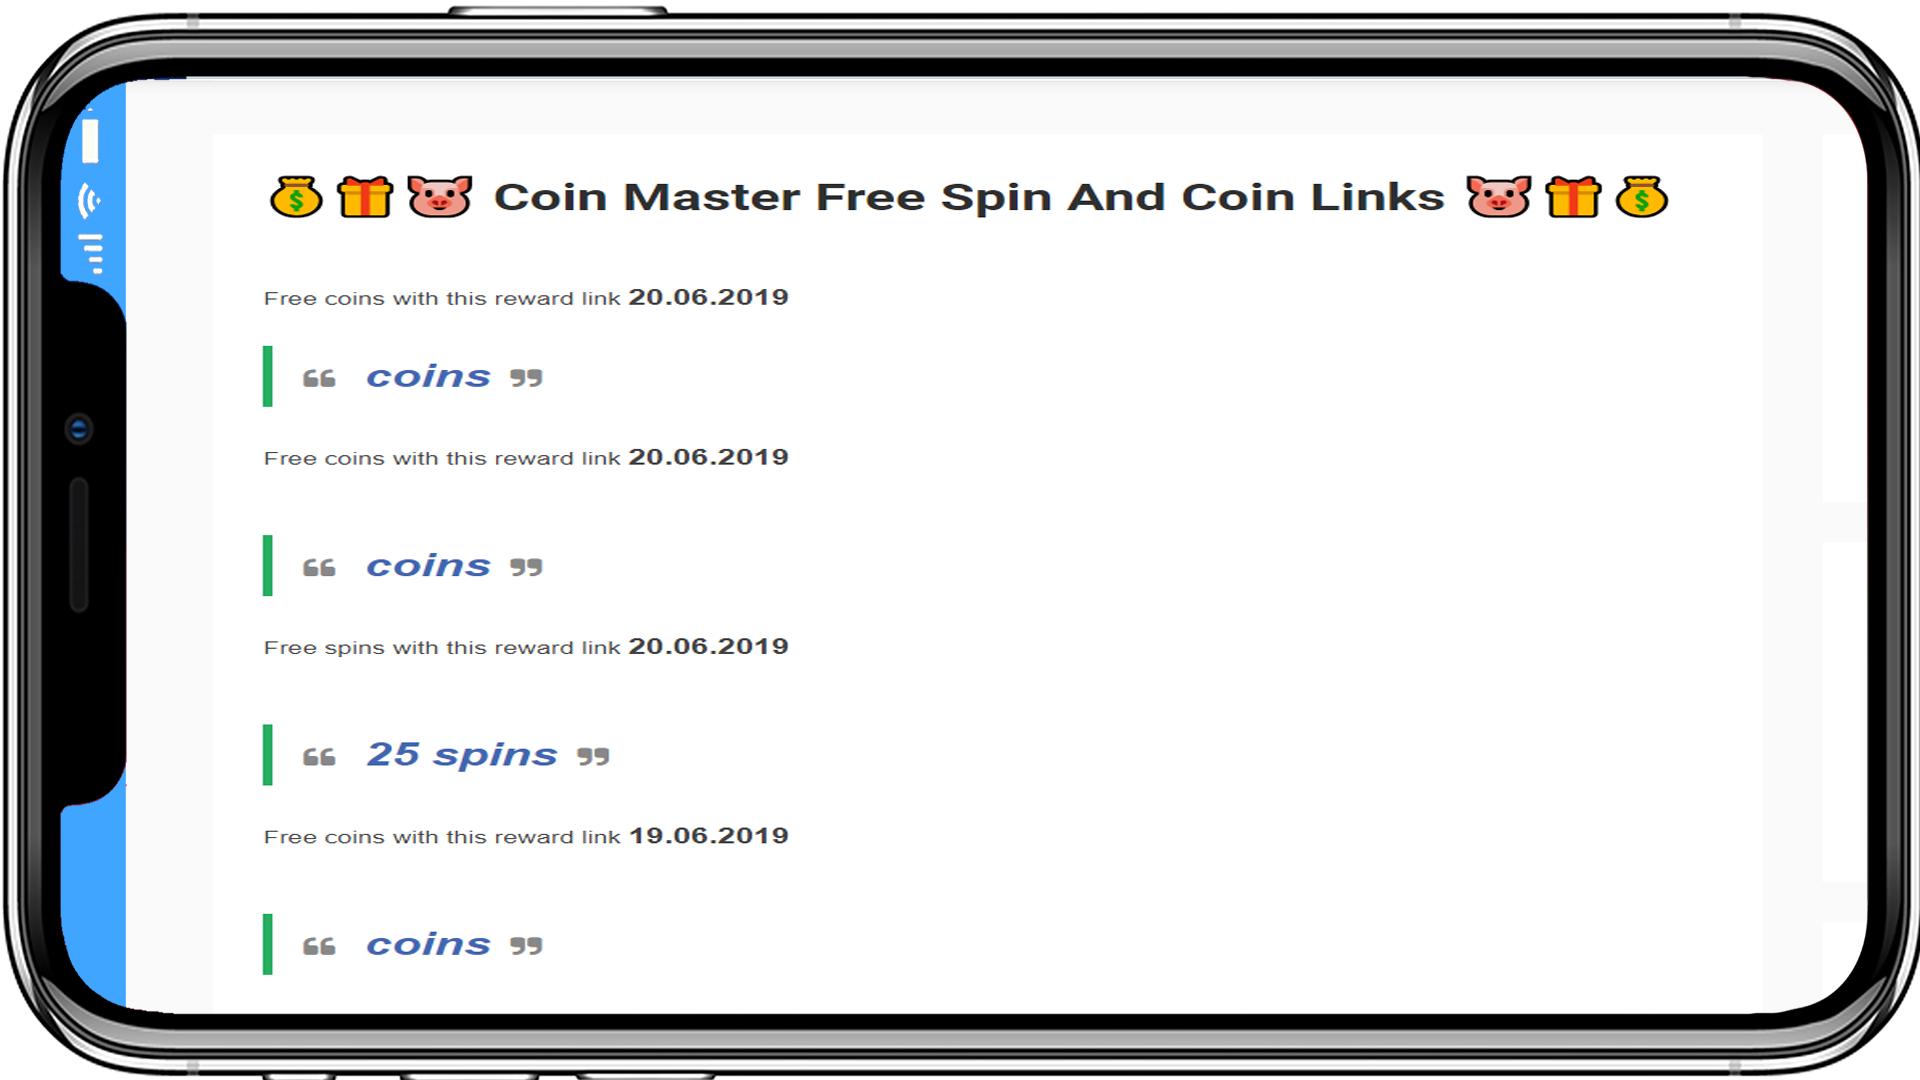 Coin master free spins deutsch 2019